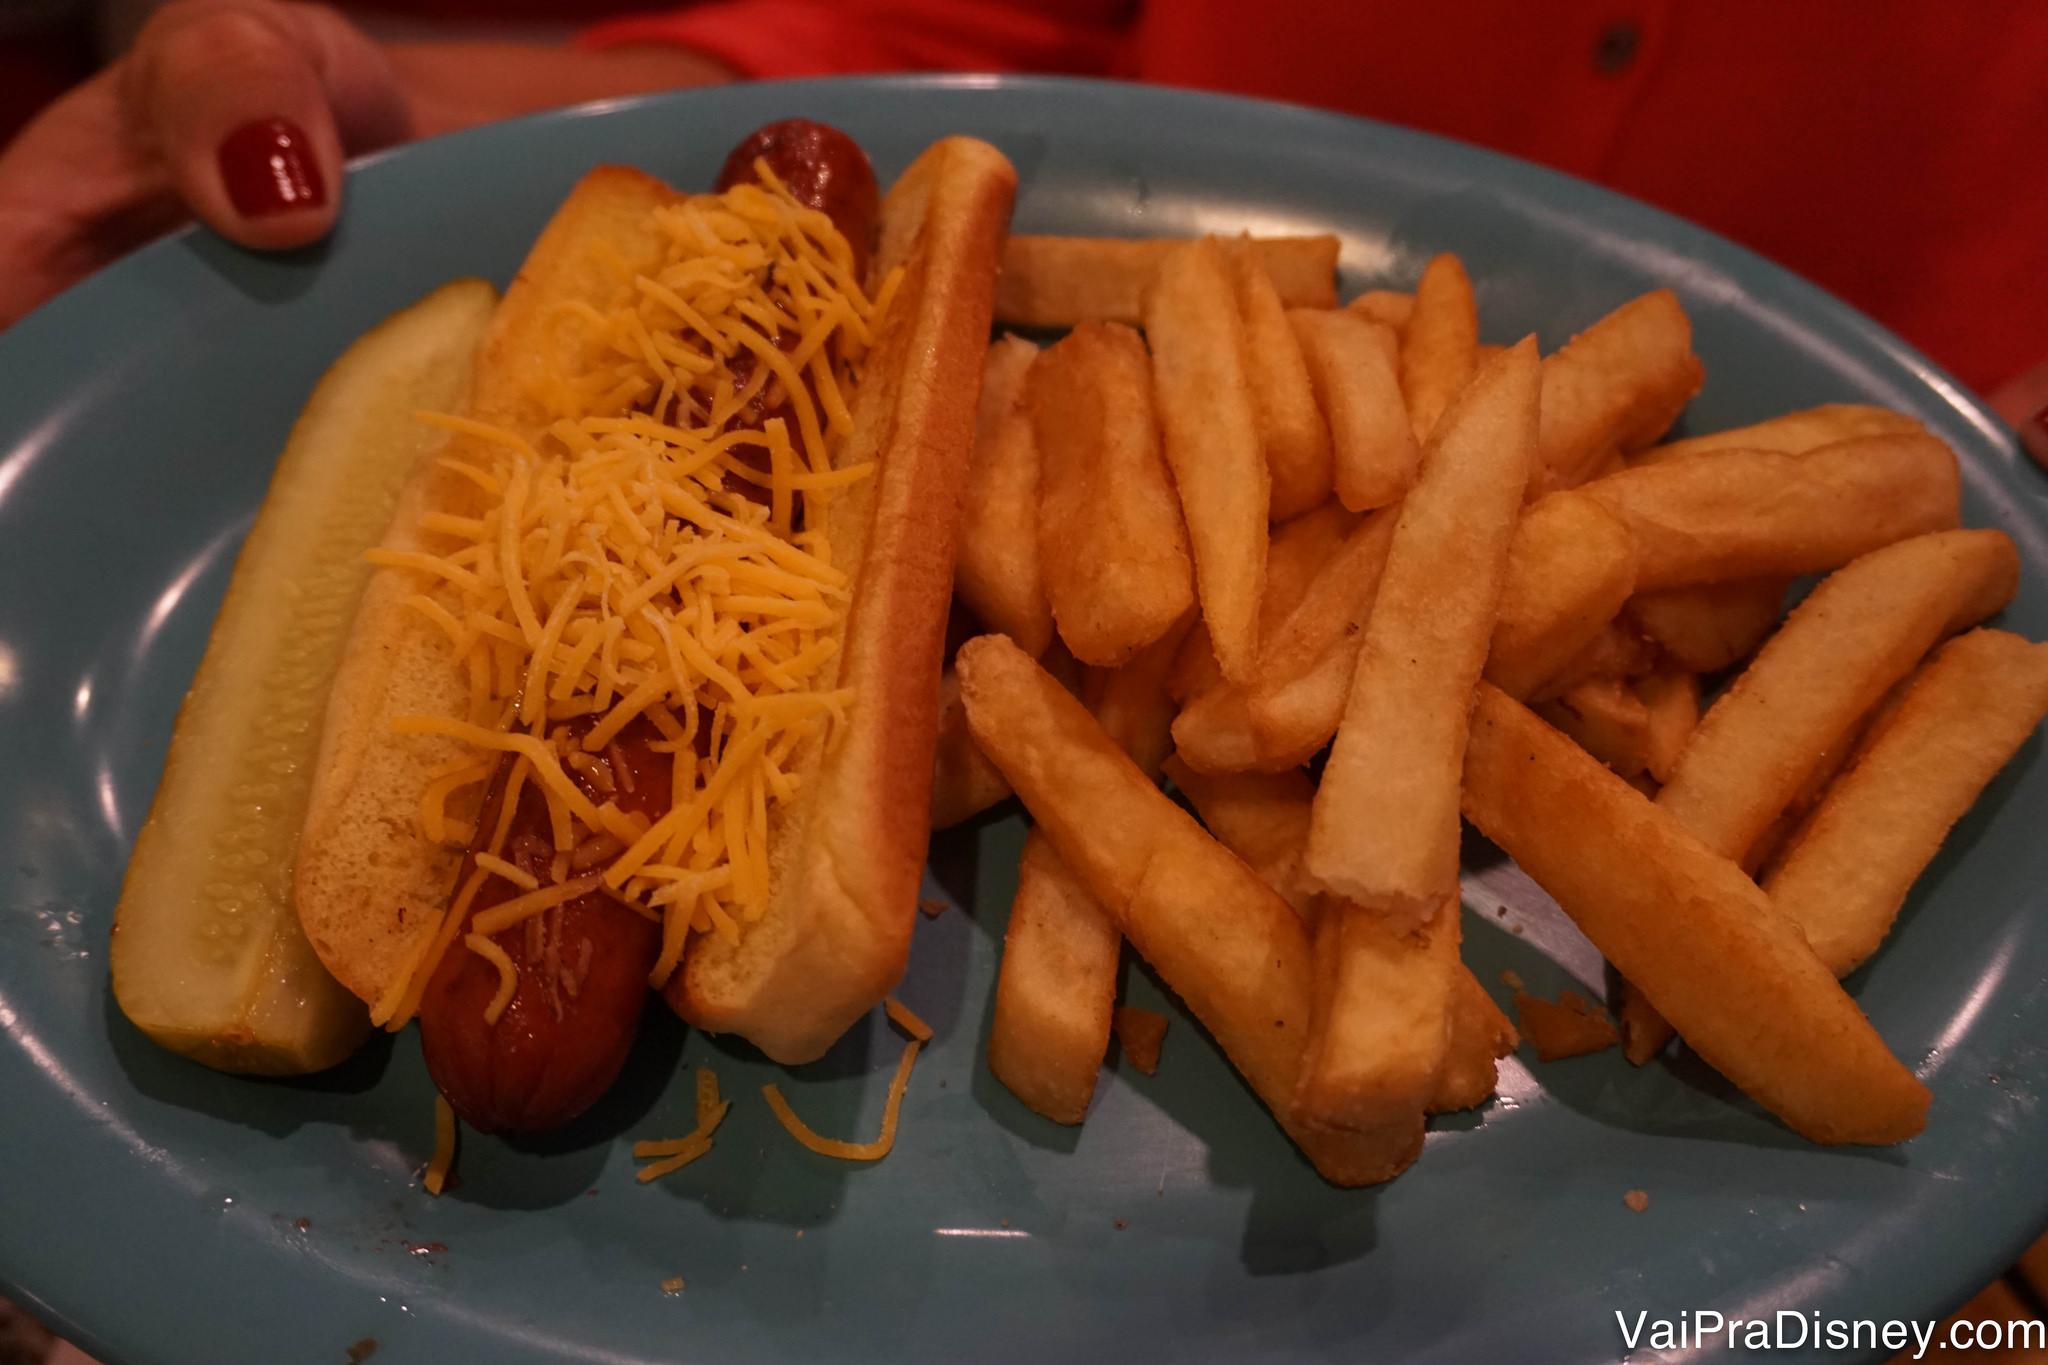 Foto de um cachorro quente no prato, com fritas ao lado